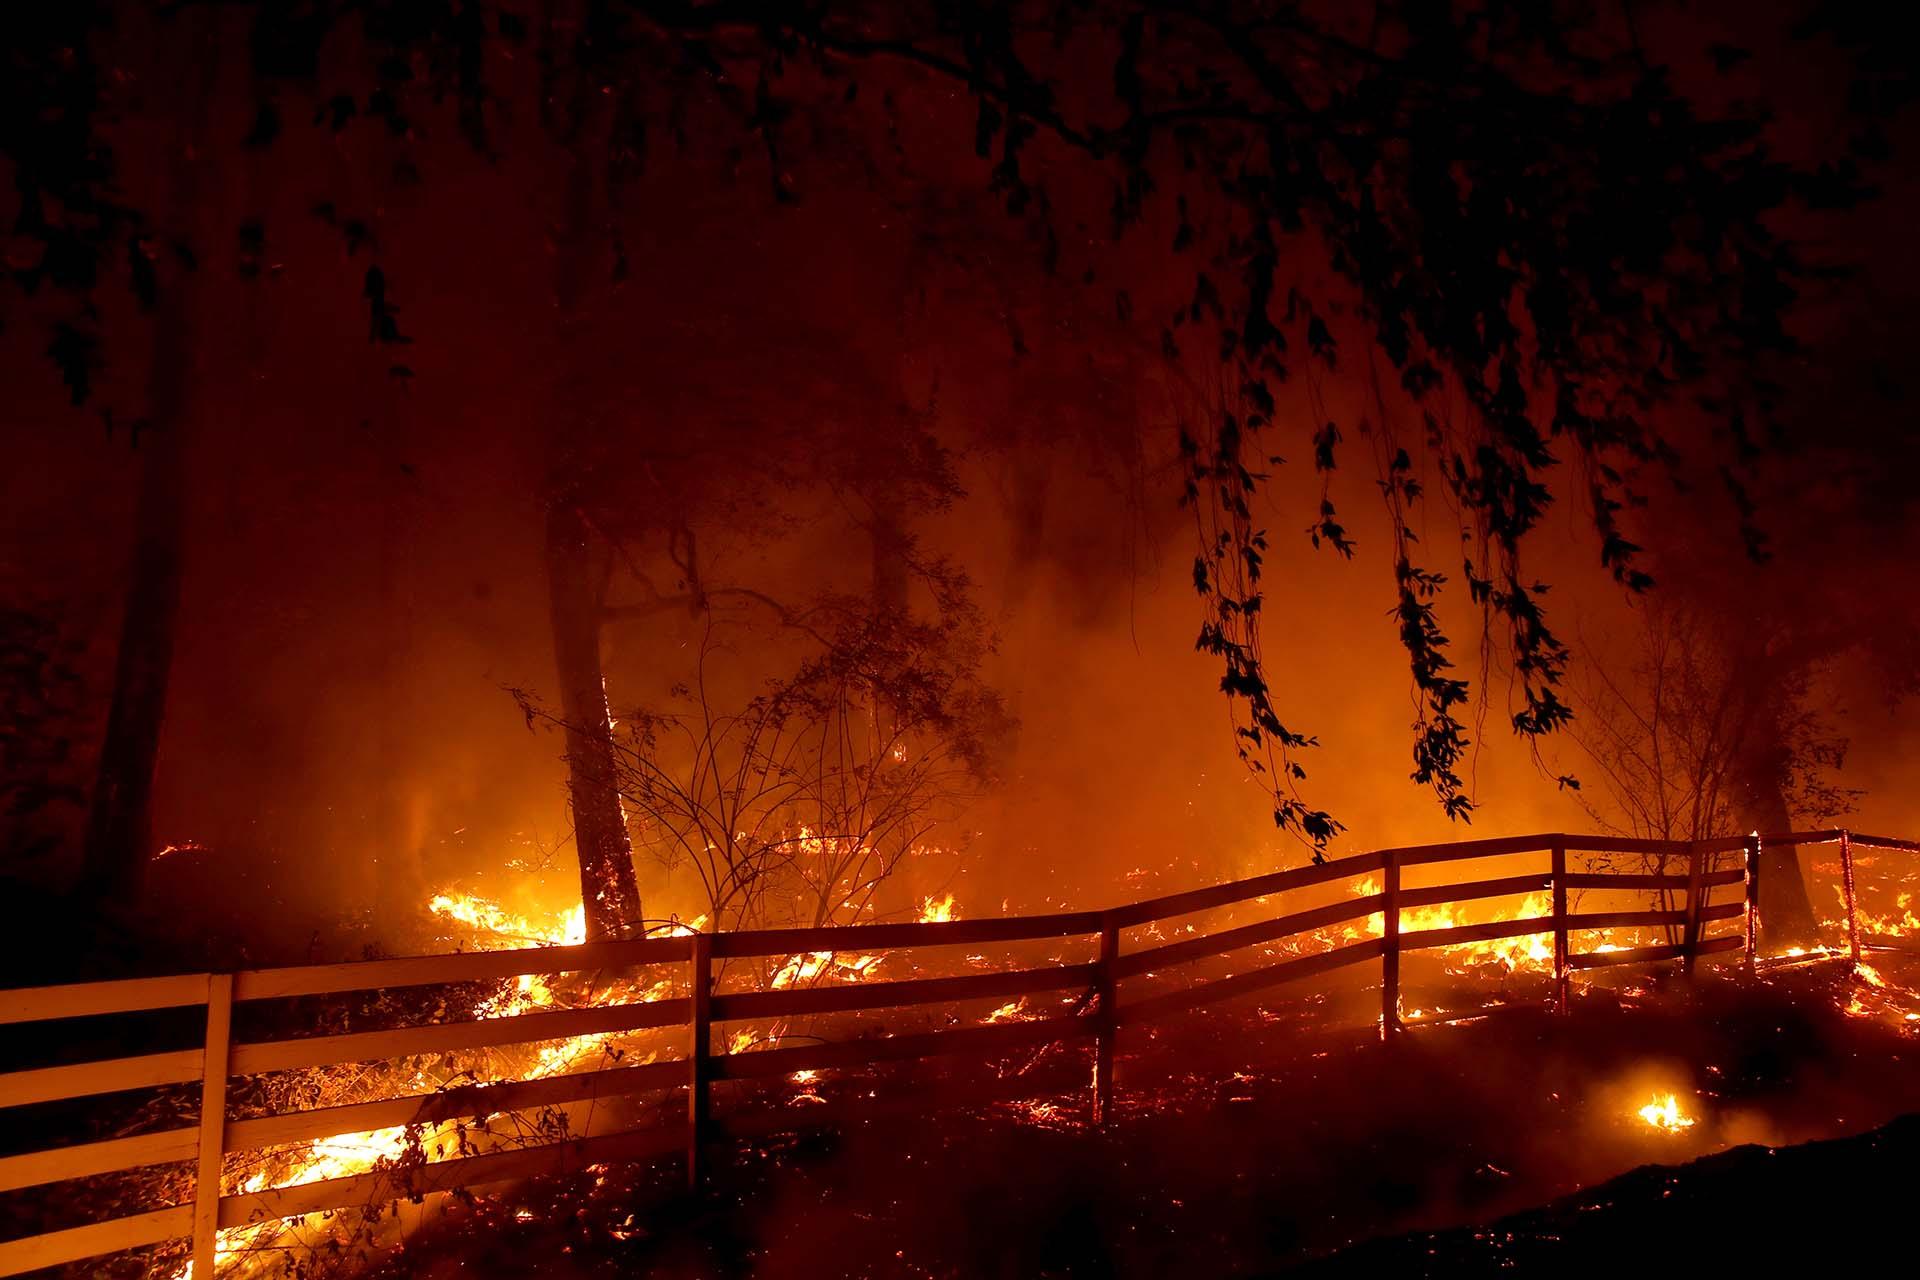 Fraught Road, en Santa Rosa, California. Impulsado por los fuertes vientos, el incendio Kincade ha quemado más de 30,000 acres y ha provocado casi 200,000 evacuaciones en el condado de Sonoma y más allá